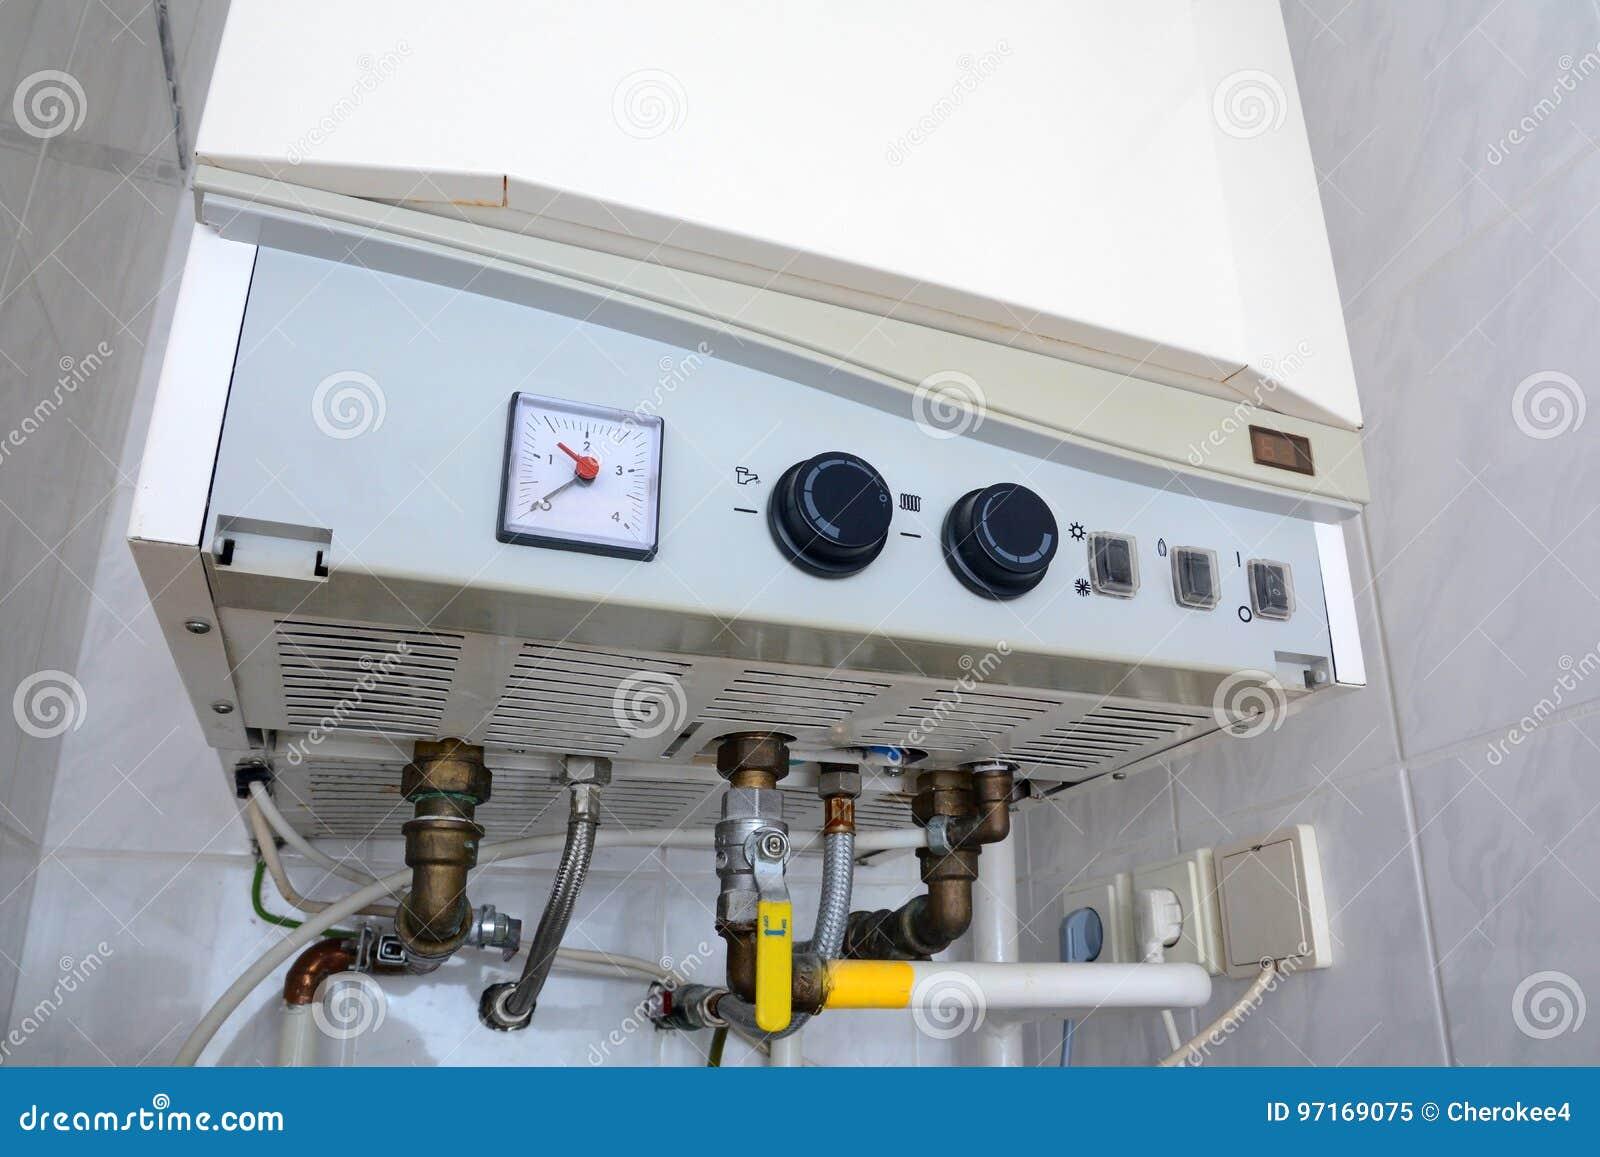 Σύνδεση του εγχώριου θερμοσίφωνα Μεμονωμένη θέρμανση Μεμονωμένος ανεφοδιασμός ζεστού νερού